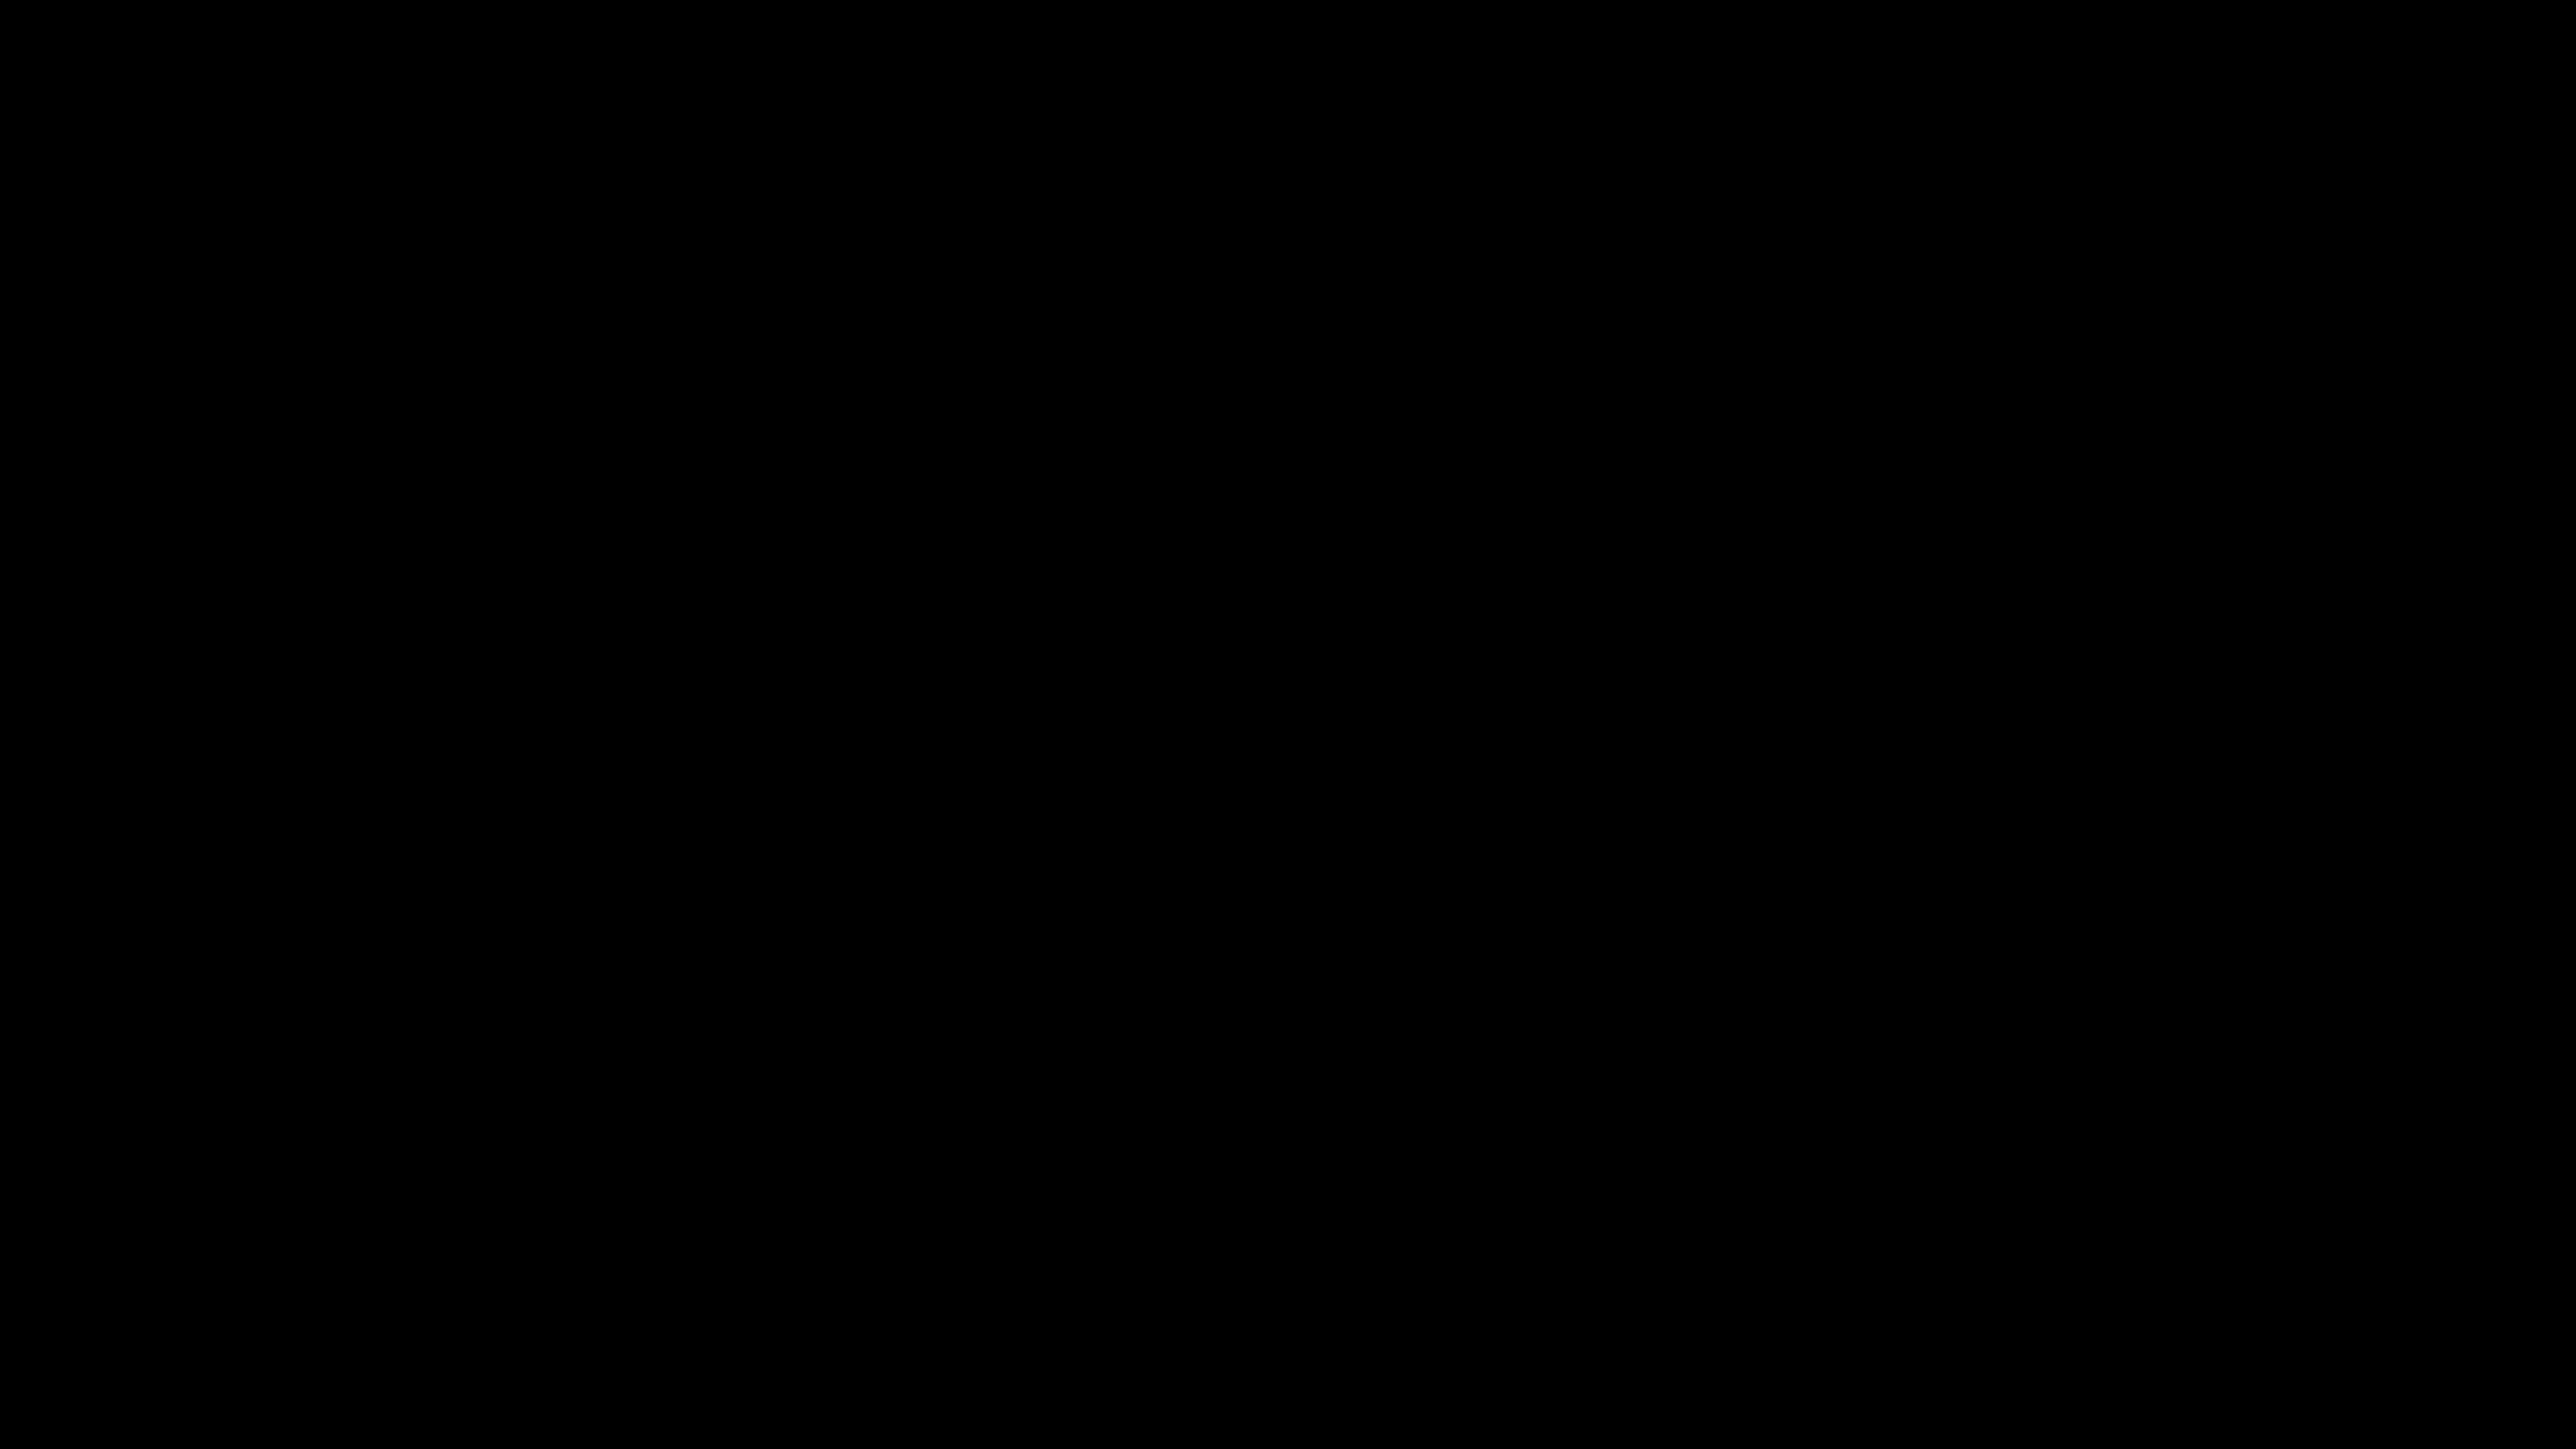 Výroční tisková konference 2021 - Key Visual